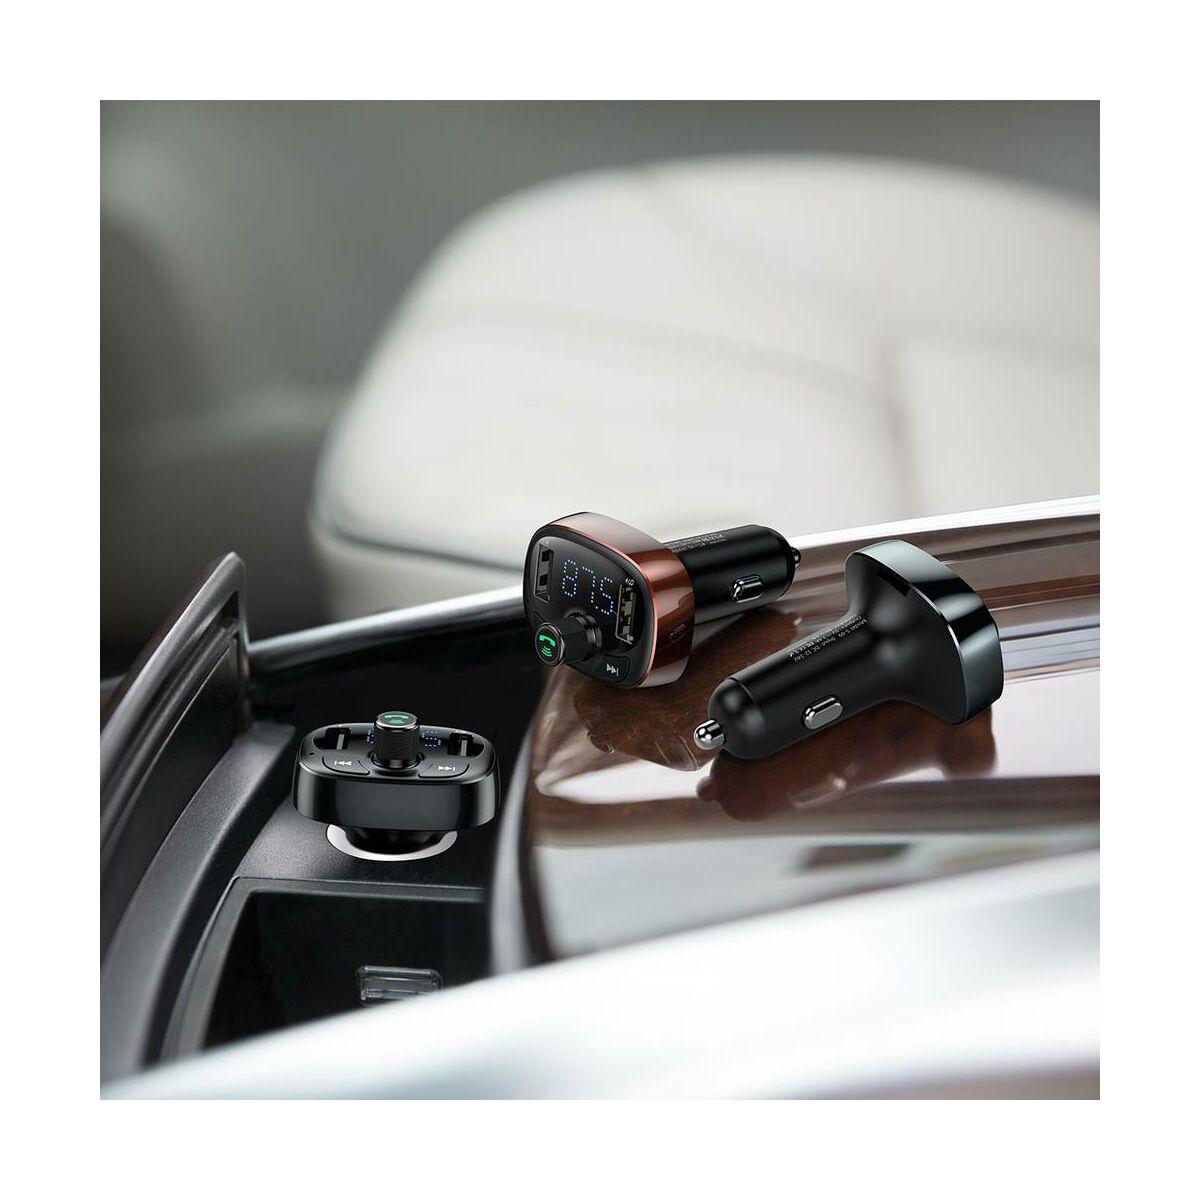 Baseus autós töltő, Bluetooth Fm Transzmitter T-Typed MP3 USB TF microSD 3.4A, fekete (CCALL-TM01)